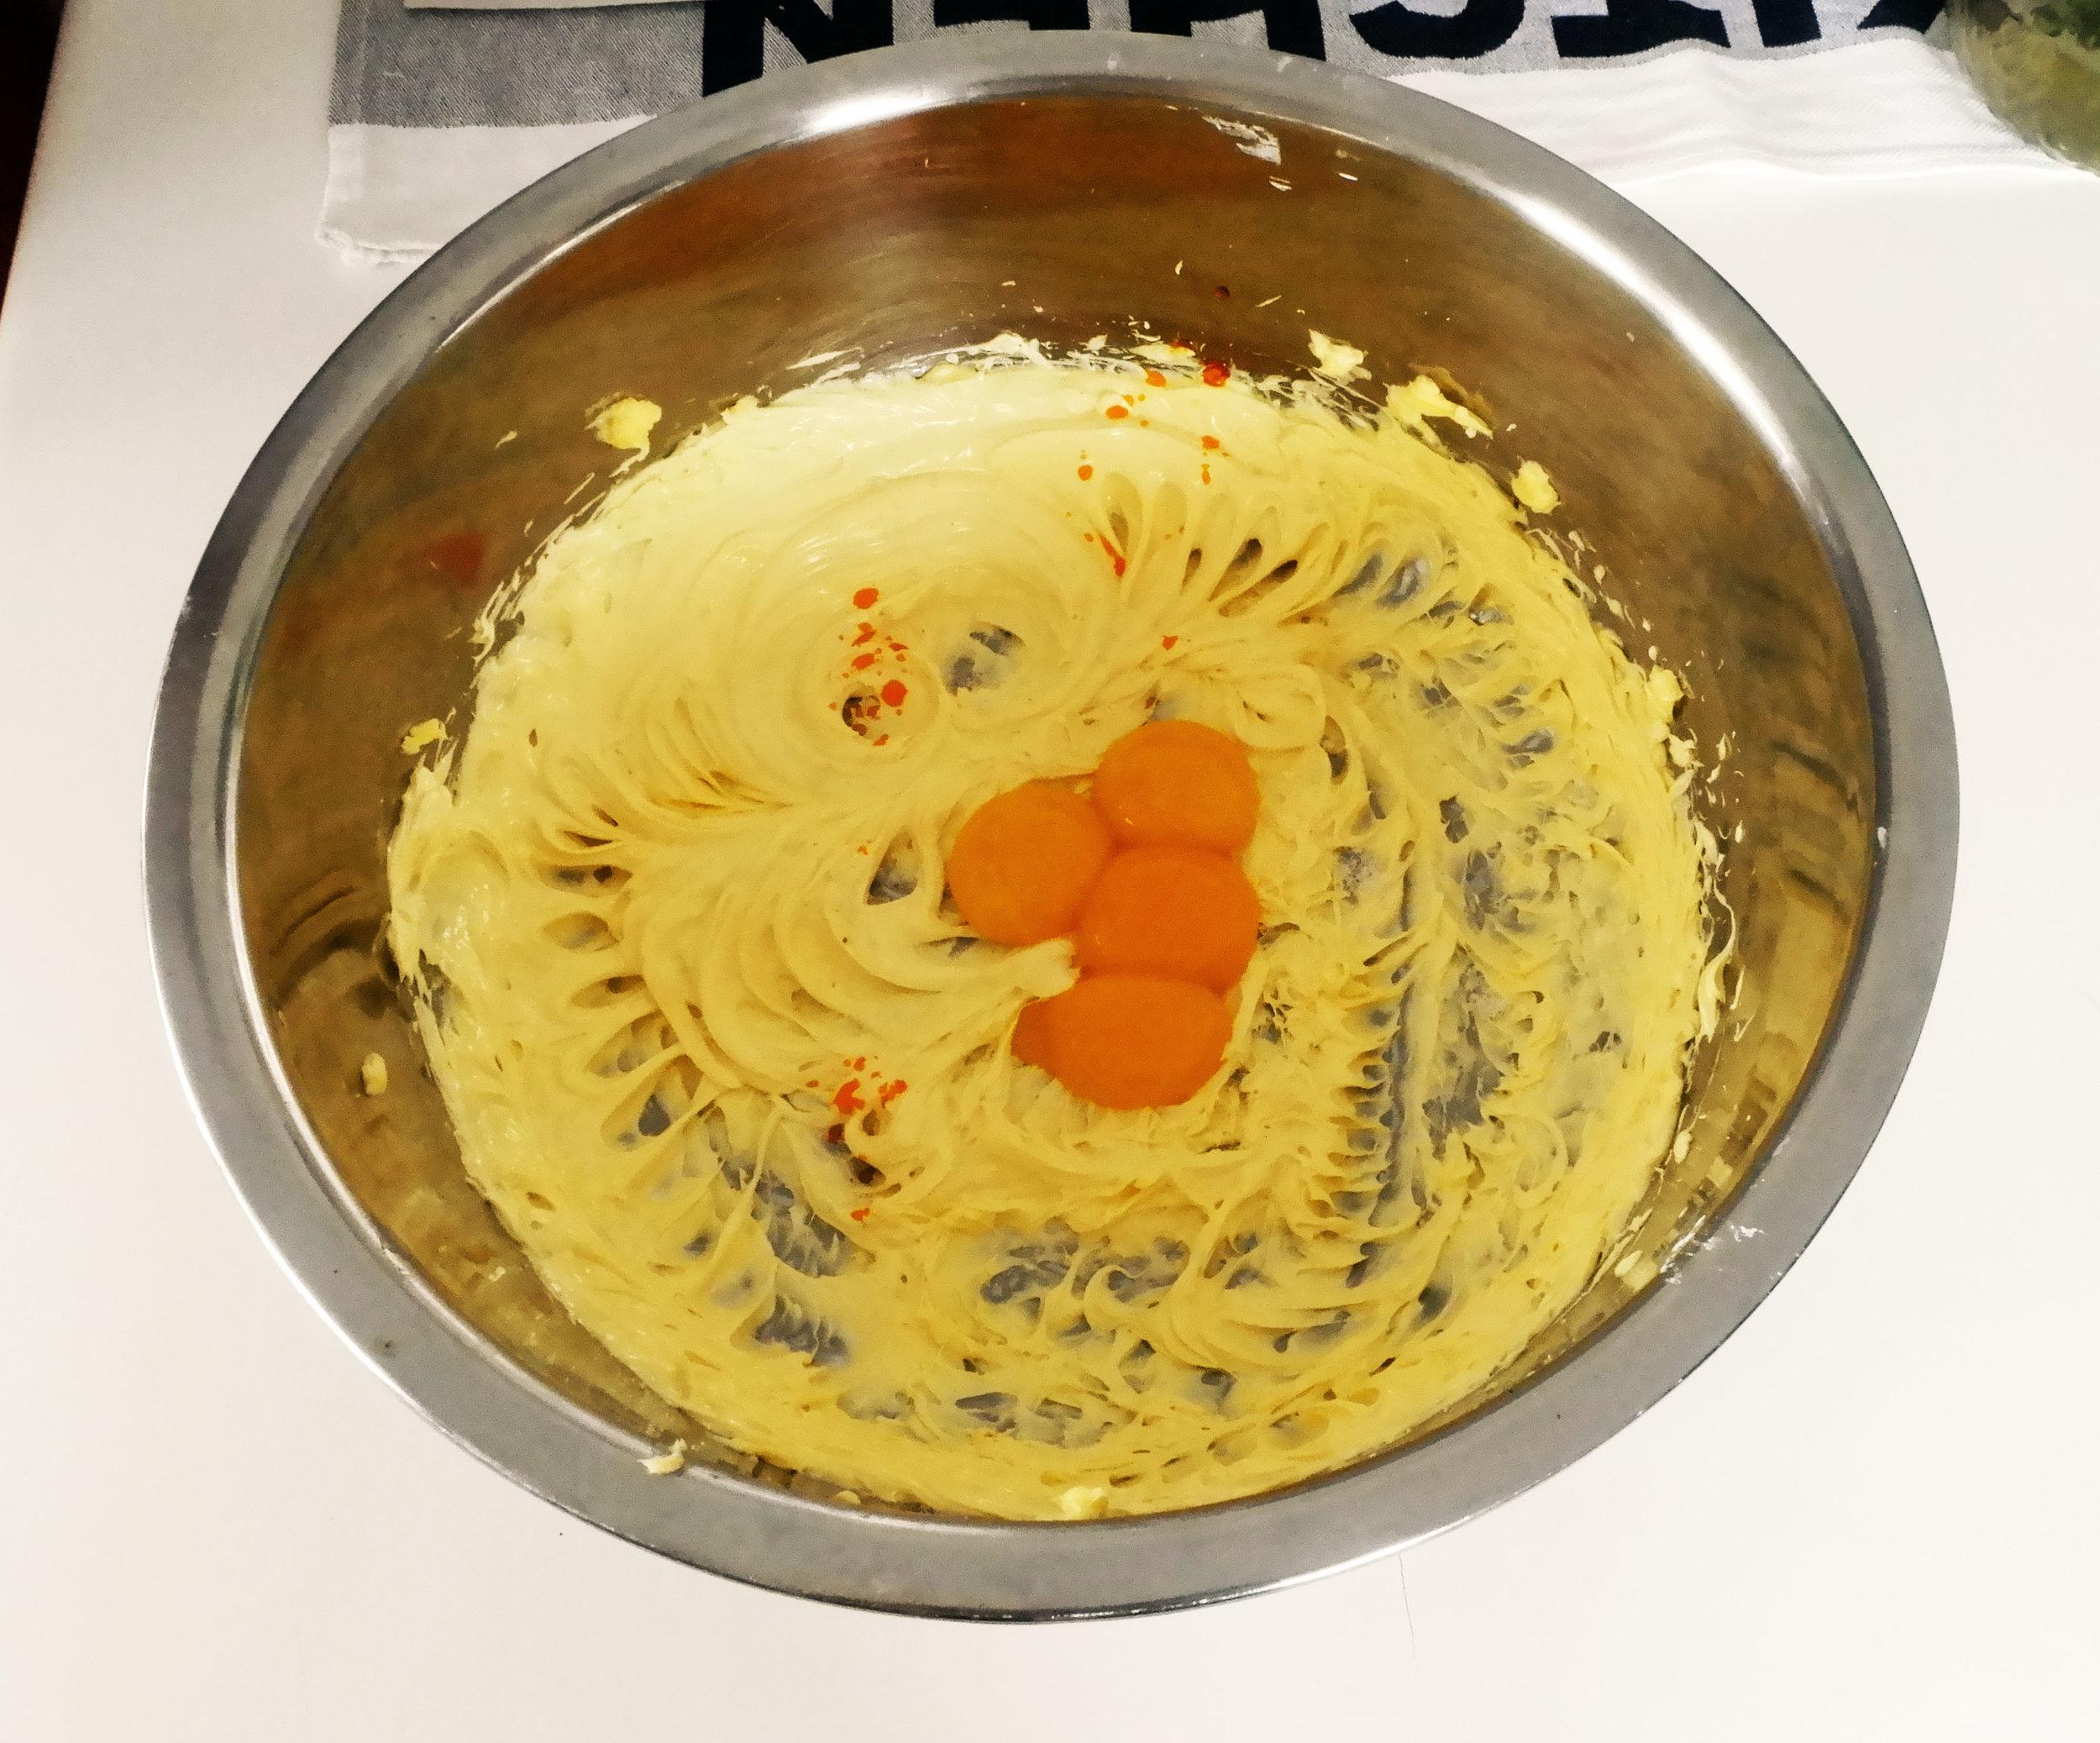 - Tambahkan 4 butir kuning telur ke dalam adonan yang telah halus.